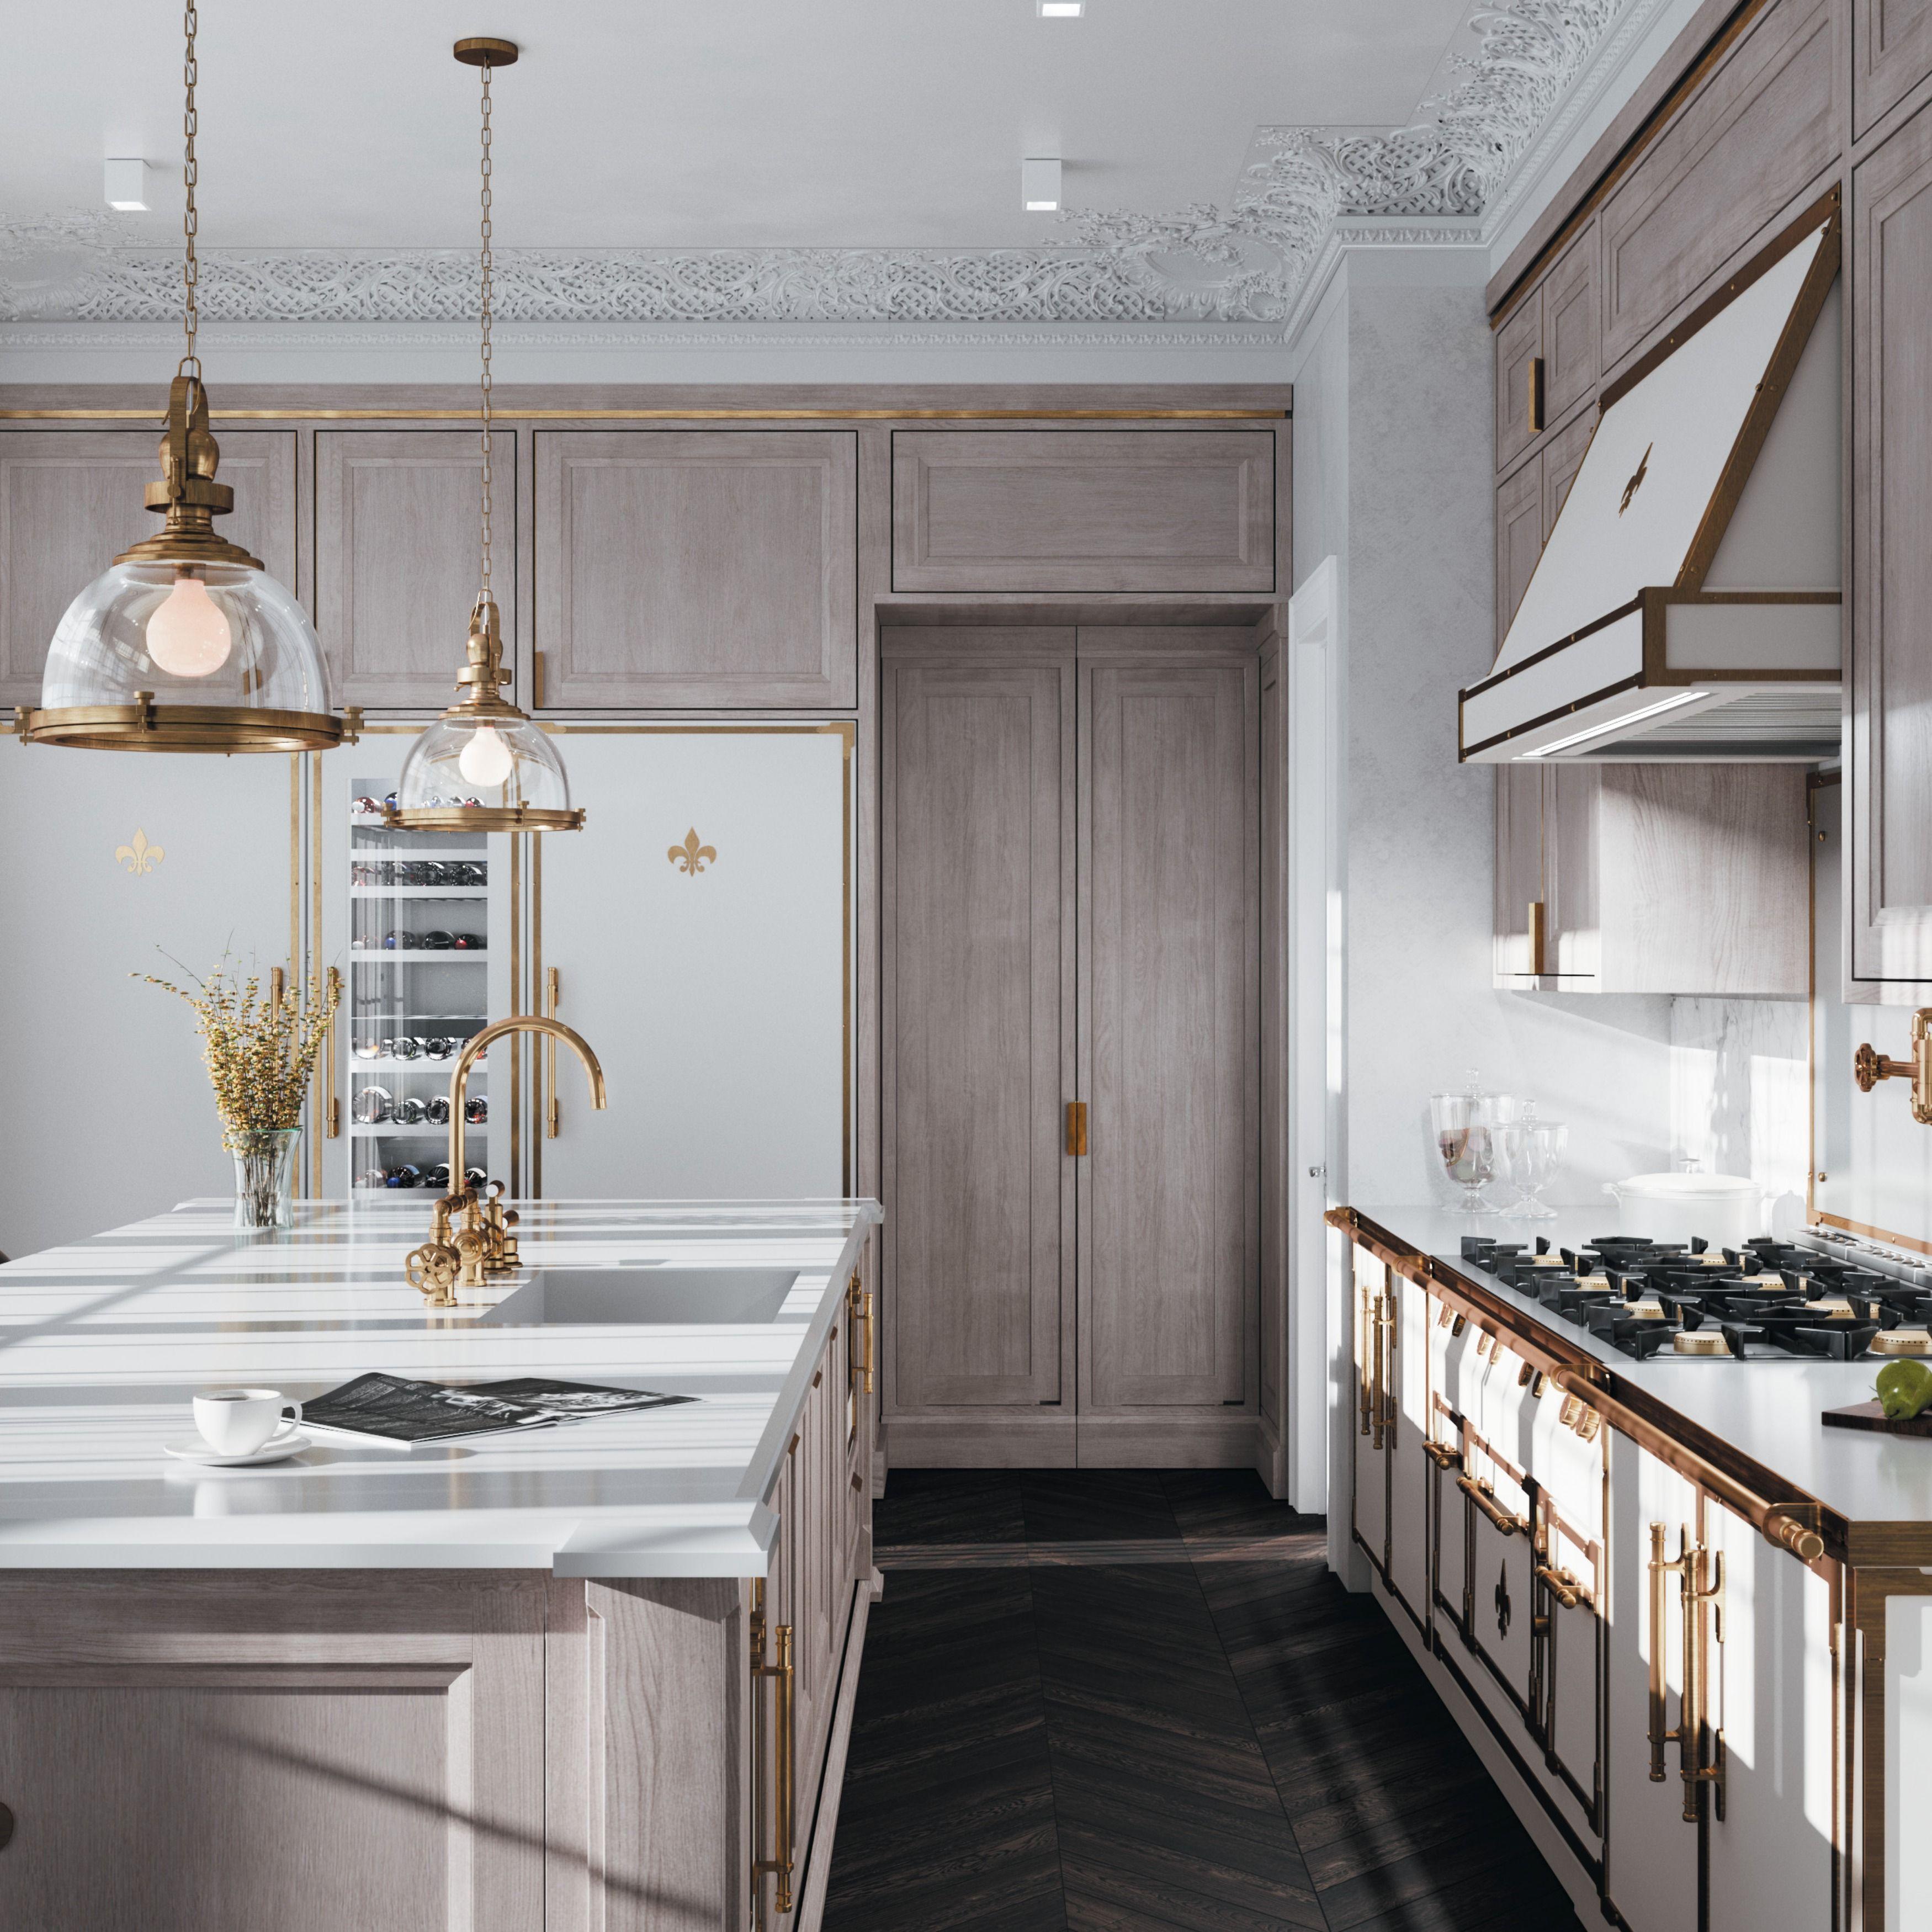 Custom Parisian Inspired Kitchens L Atelier Paris In 2020 Luxury Kitchen Design French Kitchen Design Kitchen Design